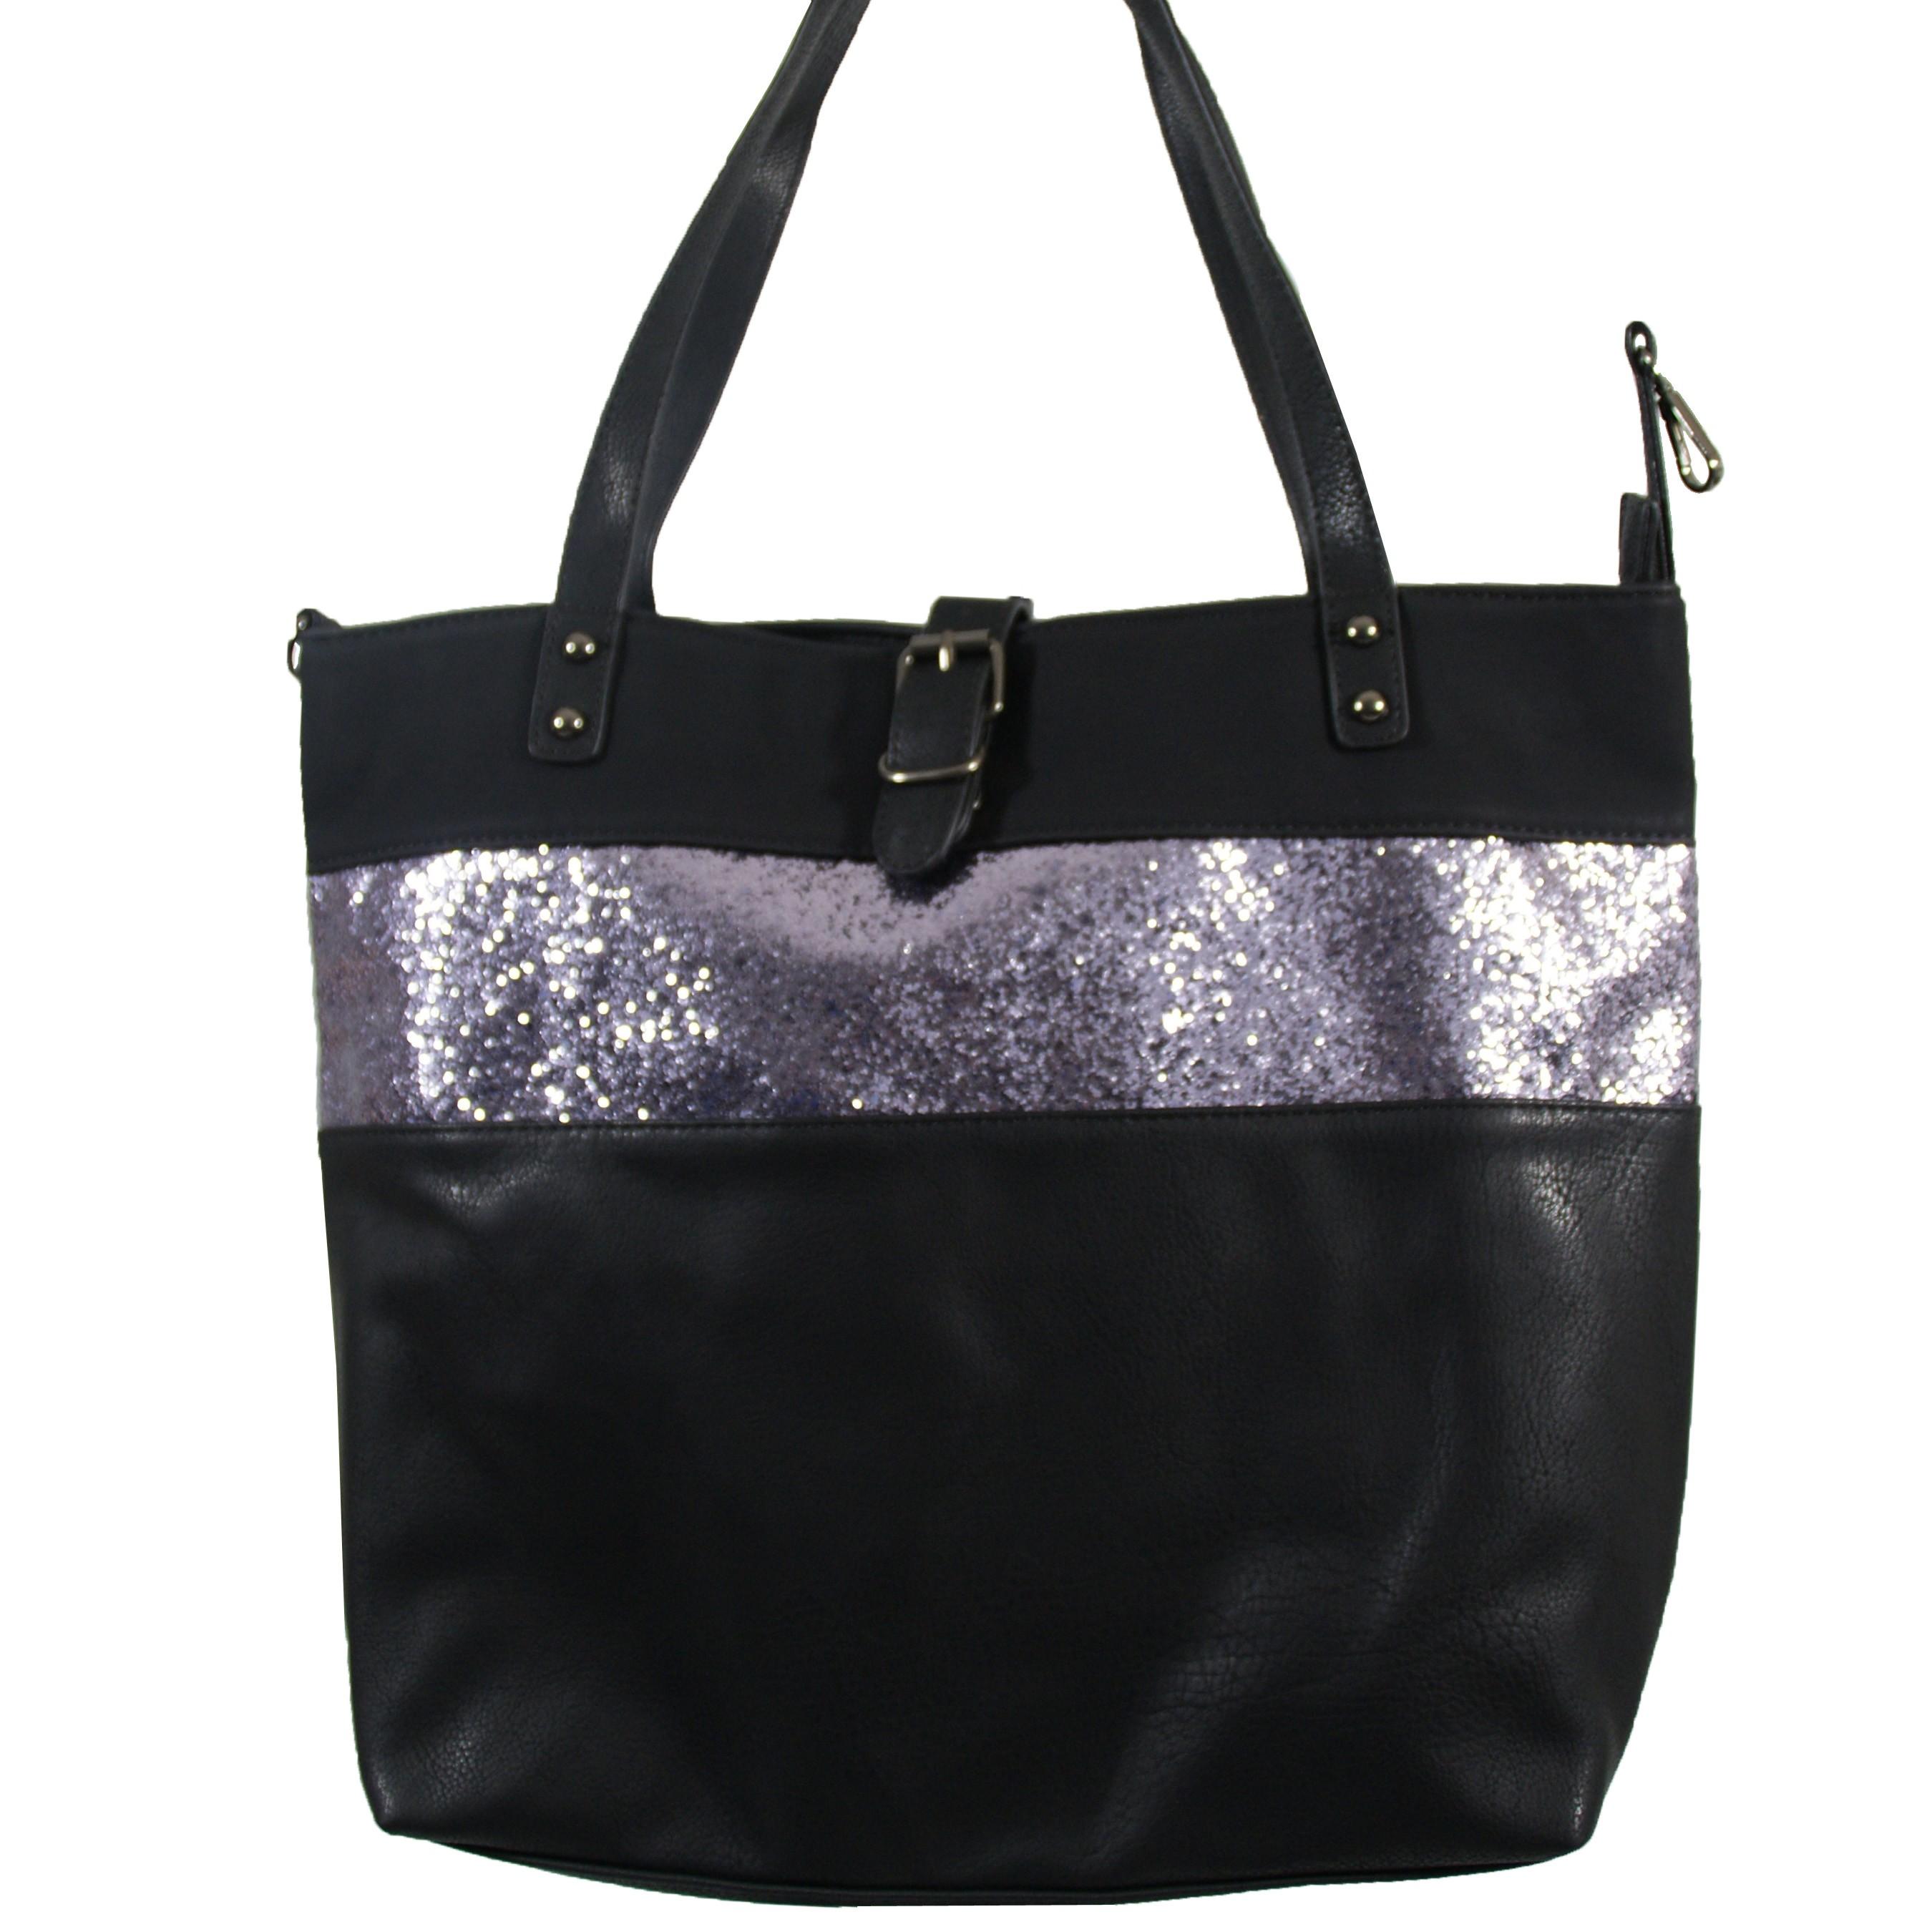 plus récent 5cb7c caad9 Grand sac à main noir simili-cuir avec fermeture originale ...